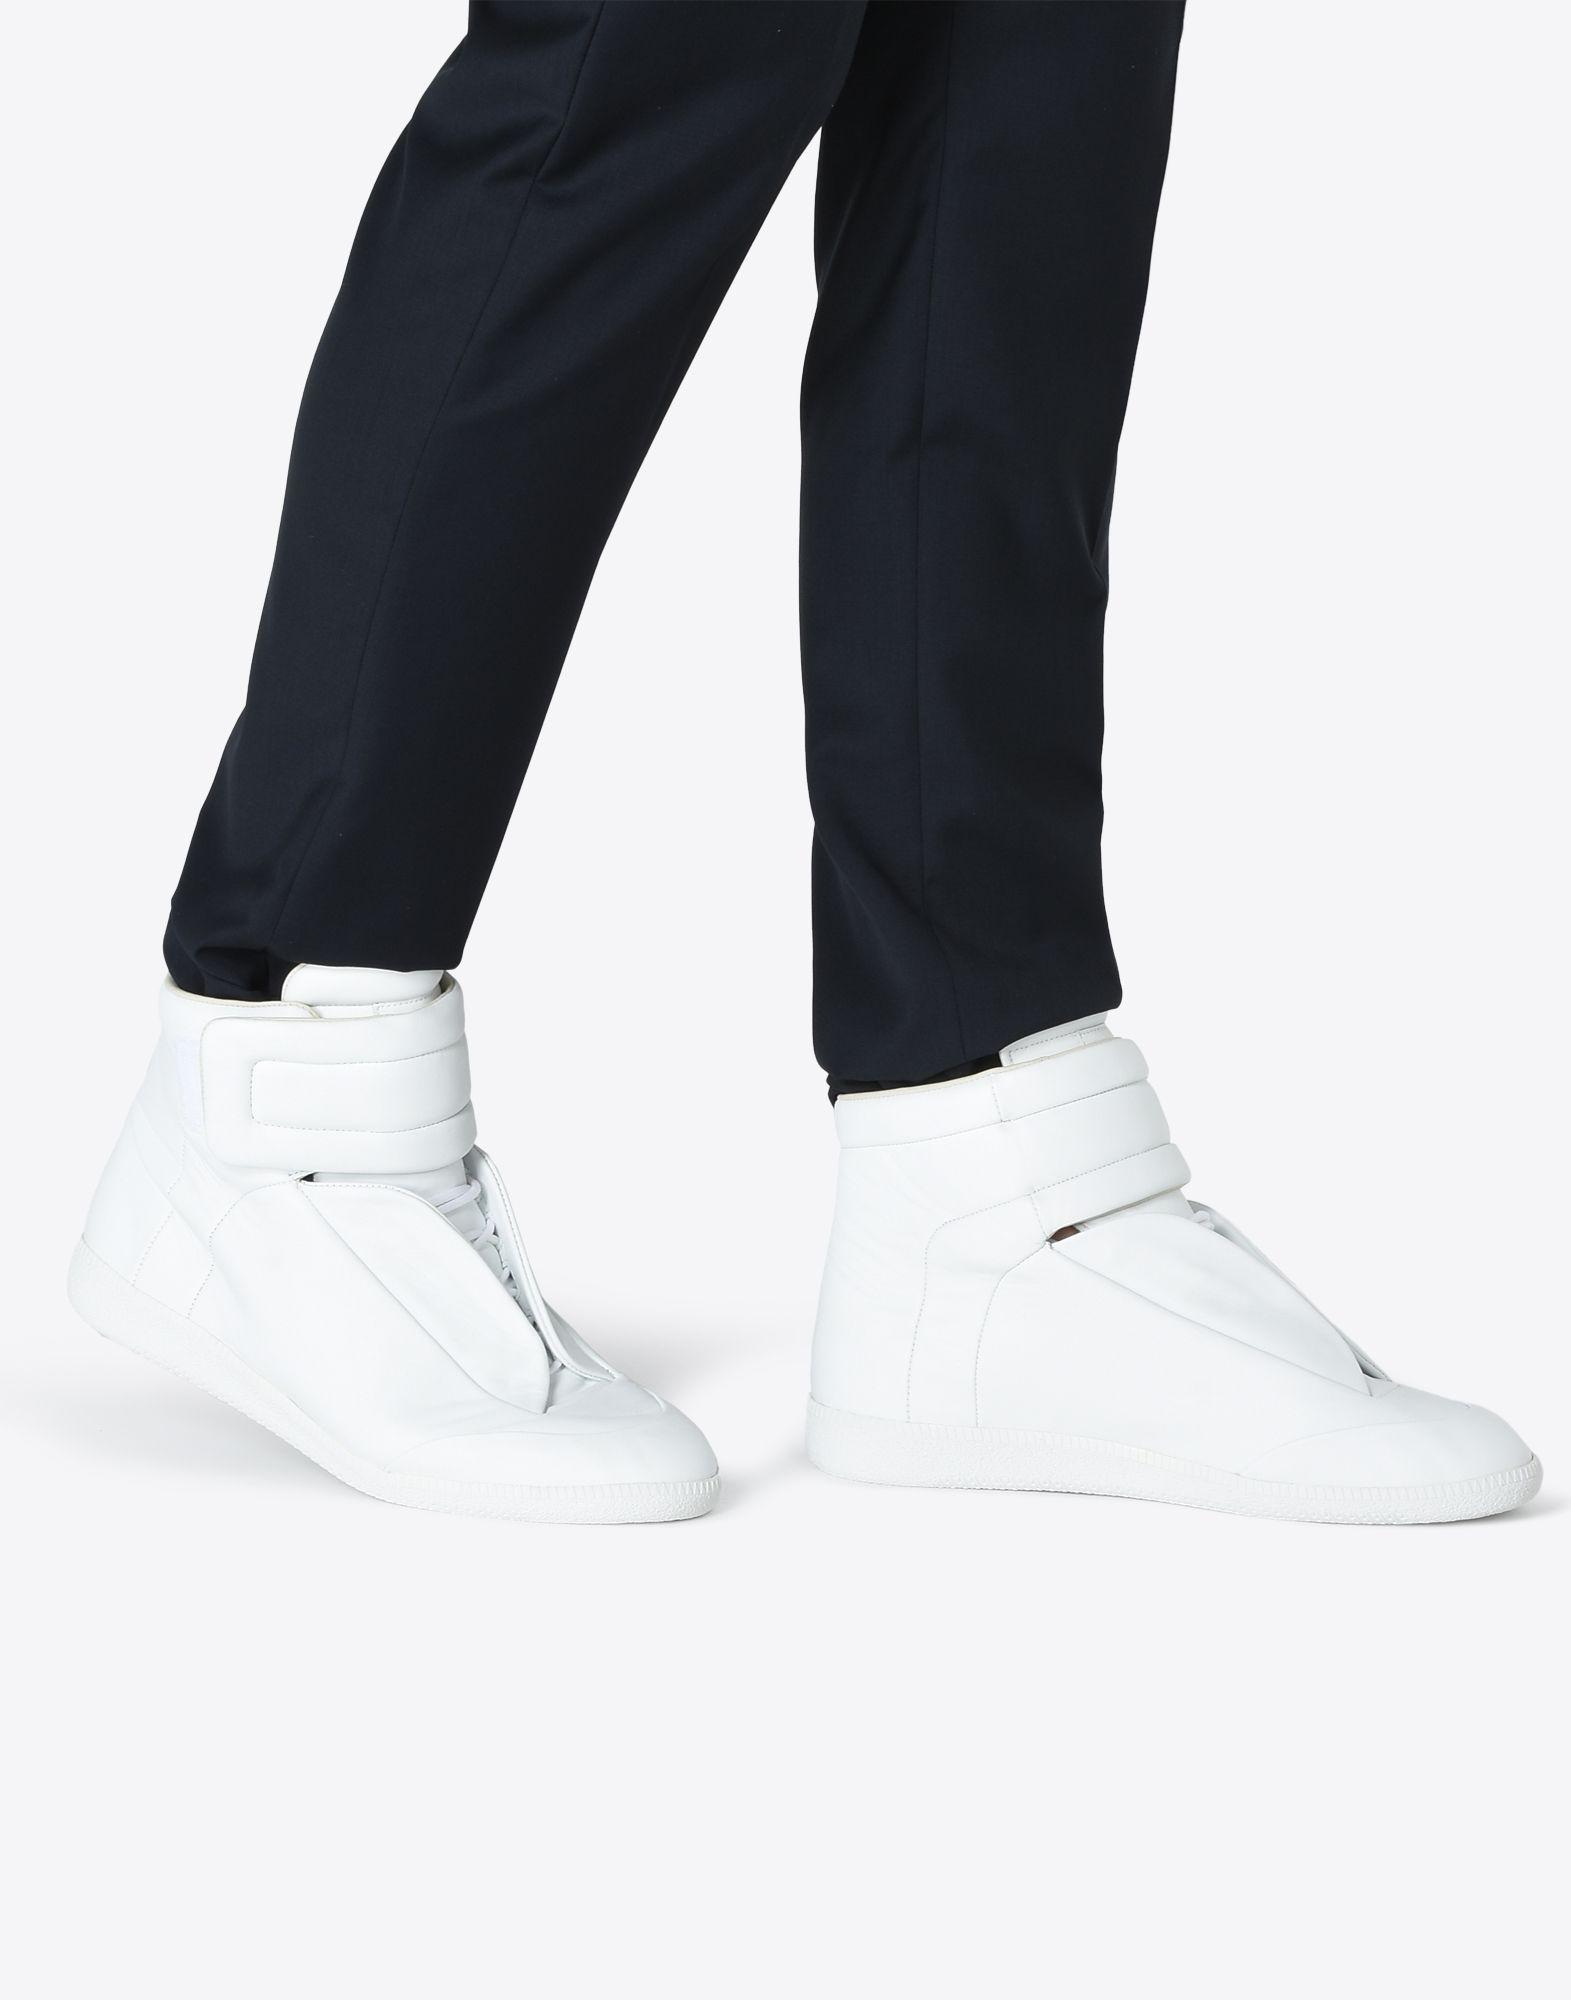 MAISON MARGIELA 22 Baskets 'Future' hautes Sneakers Homme b